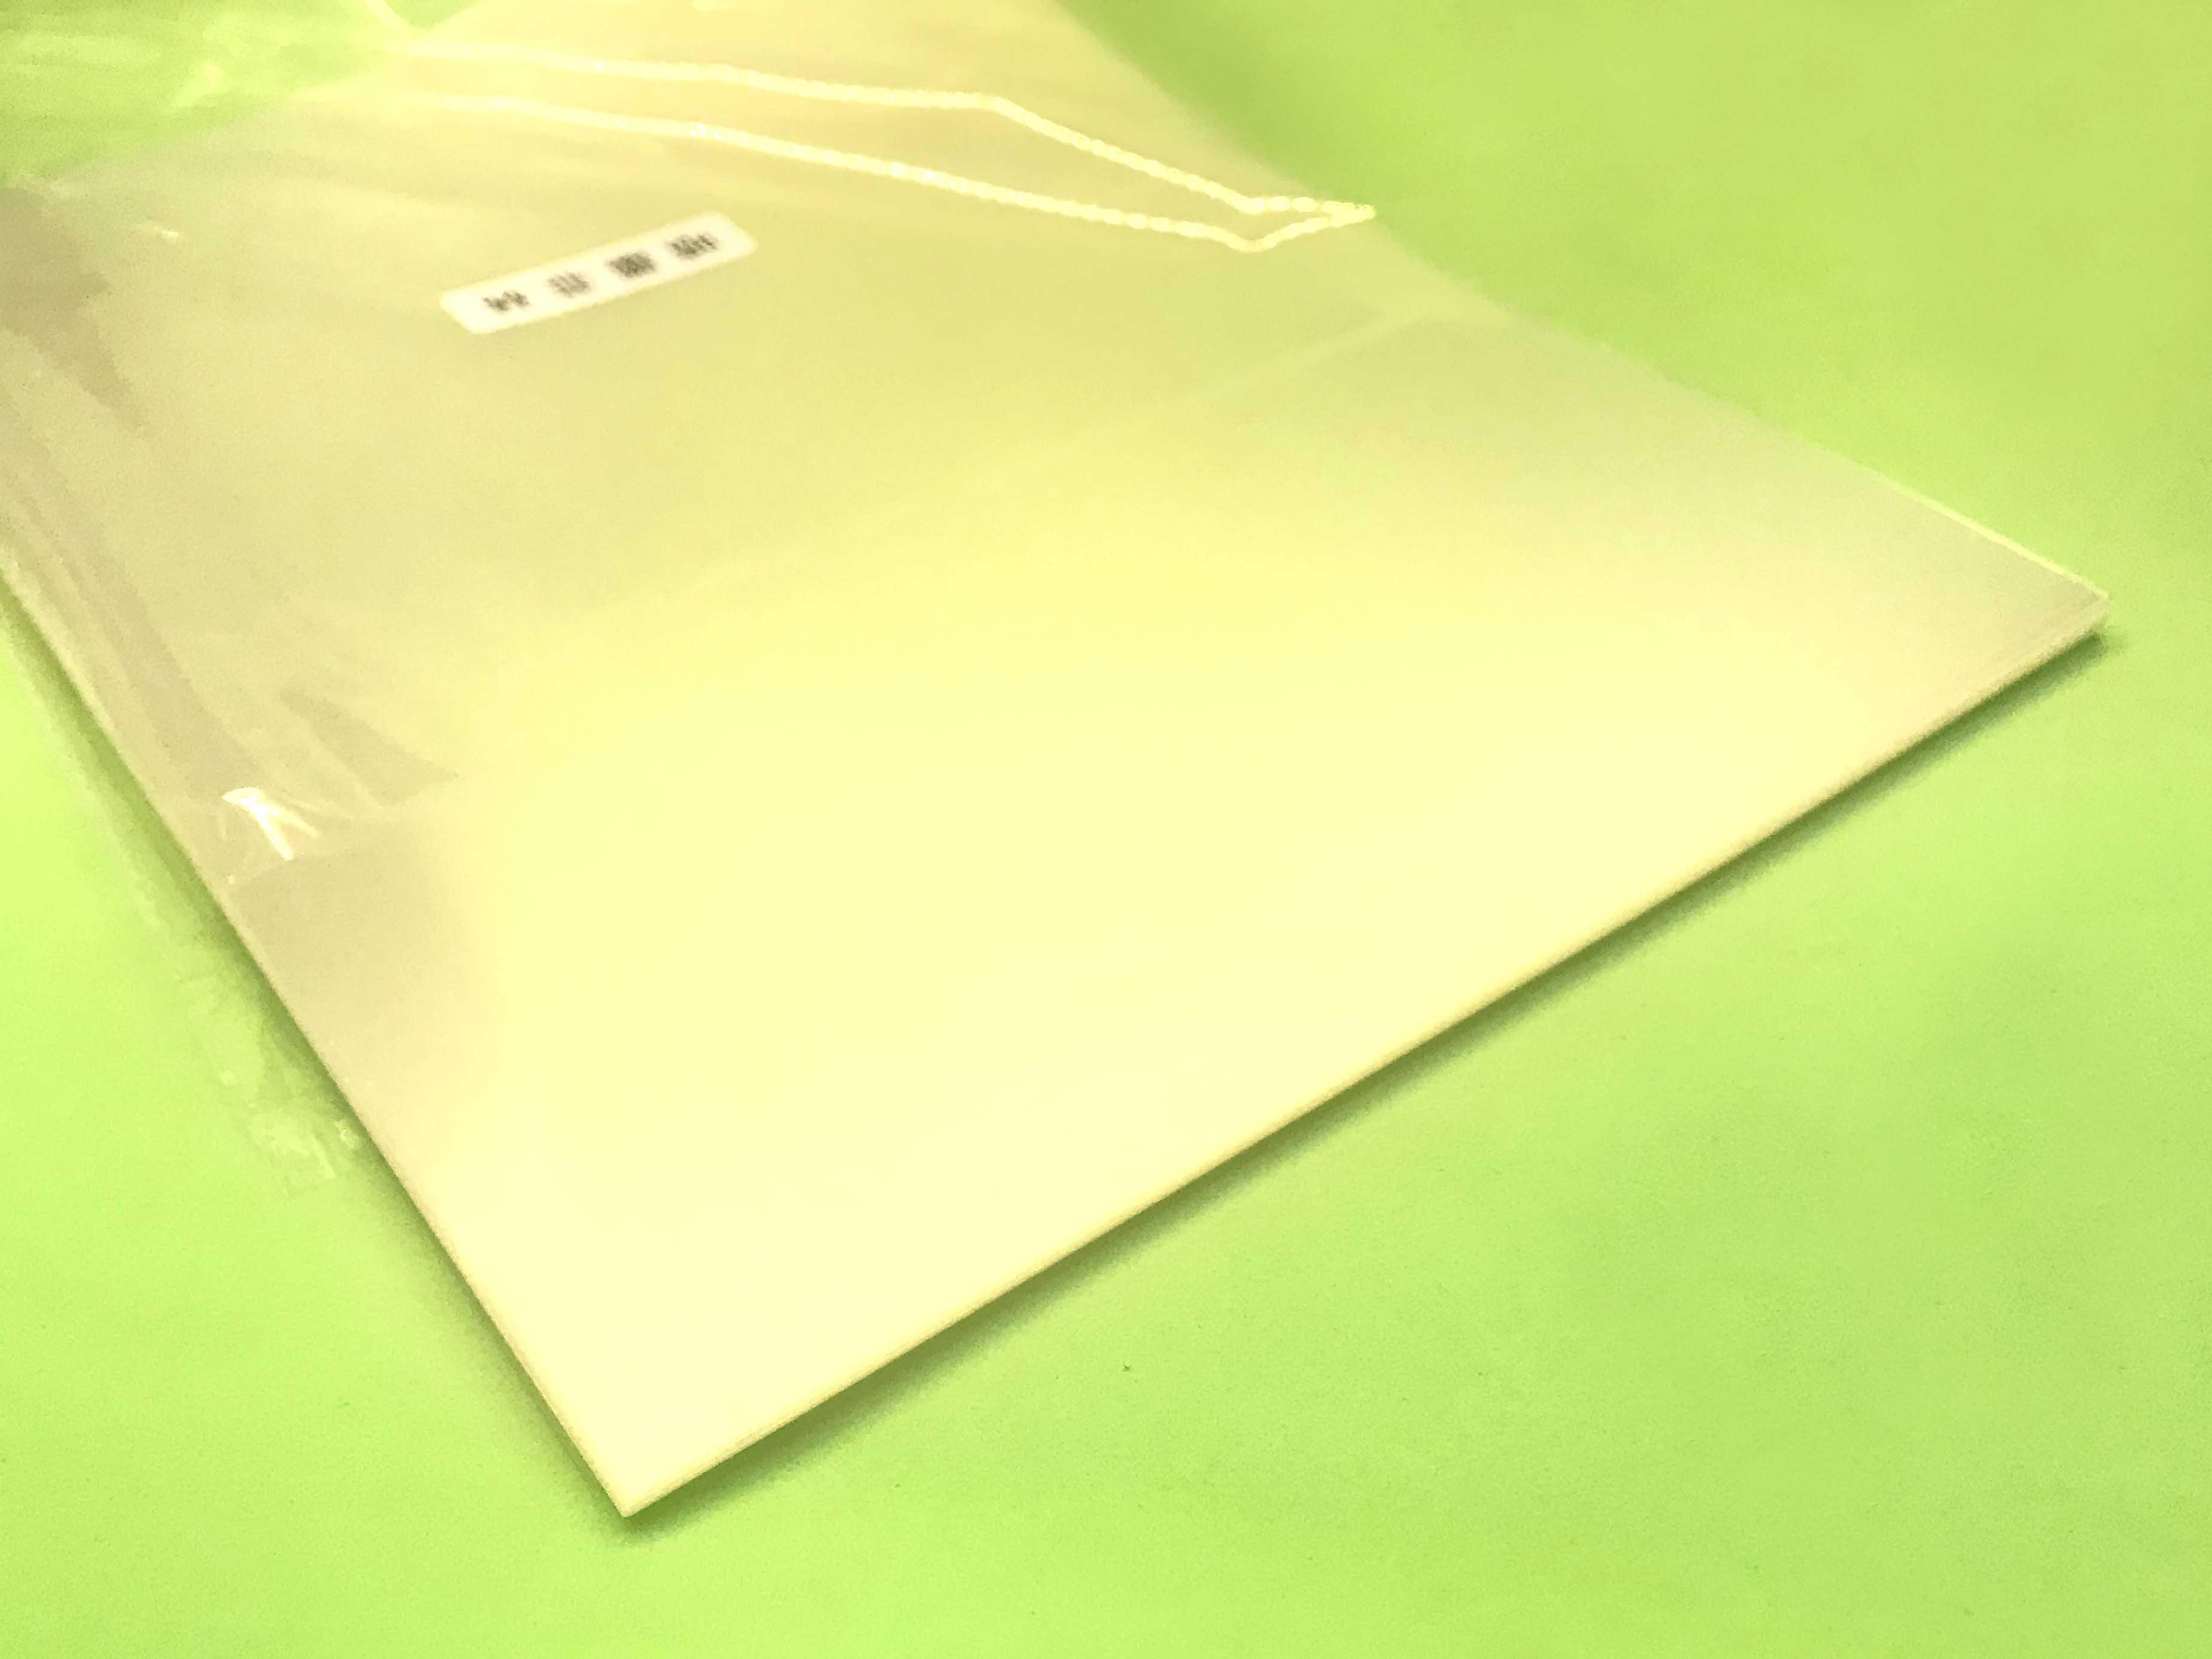 Tấm giấy bóng kính A4 in PCB bằng máy in phun